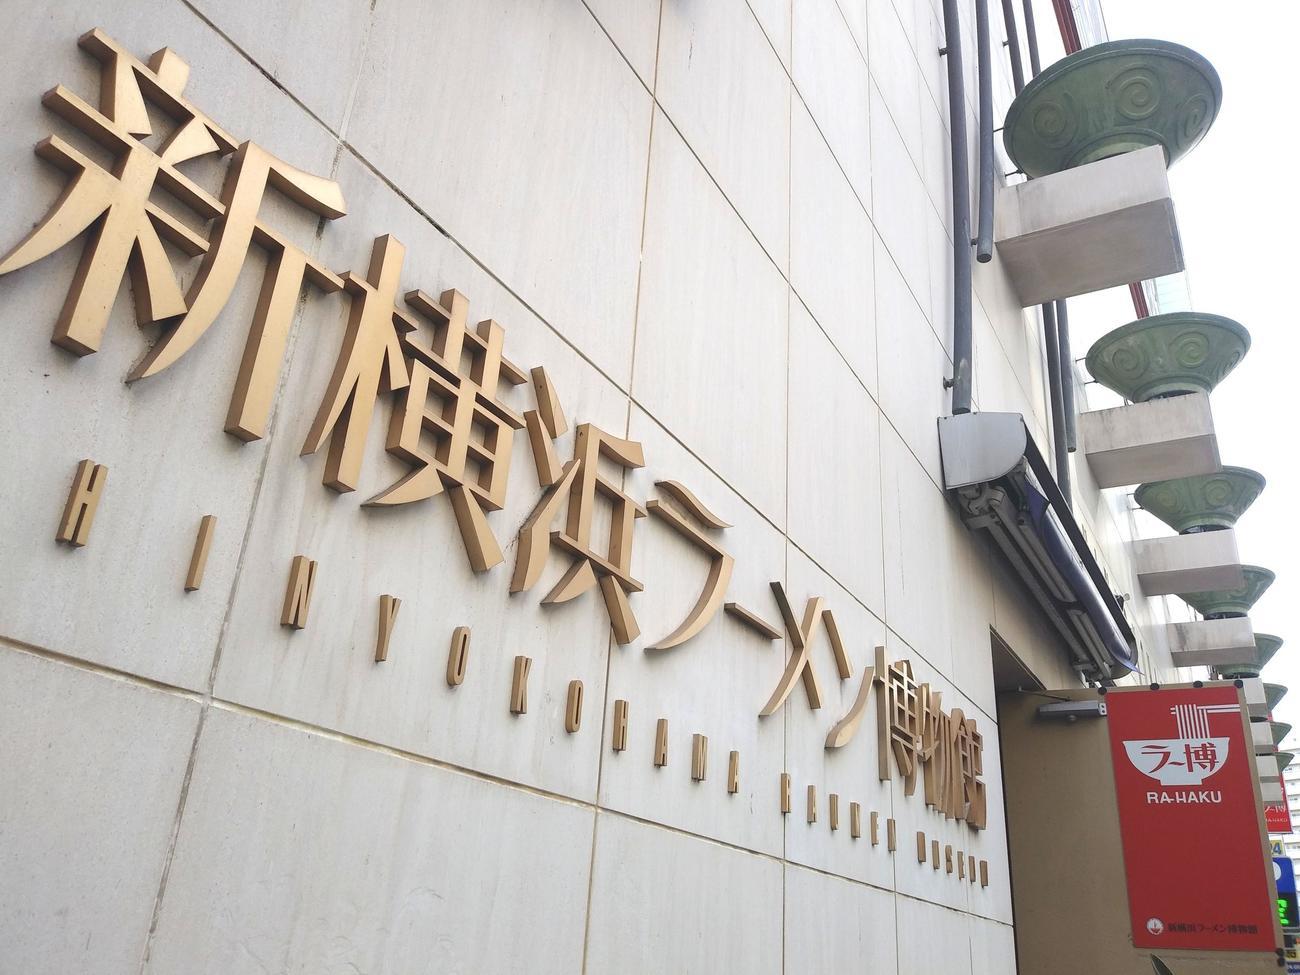 新型コロナウイルスのまん延拡大の影響で98日間休業していた新横浜ラーメン博物館